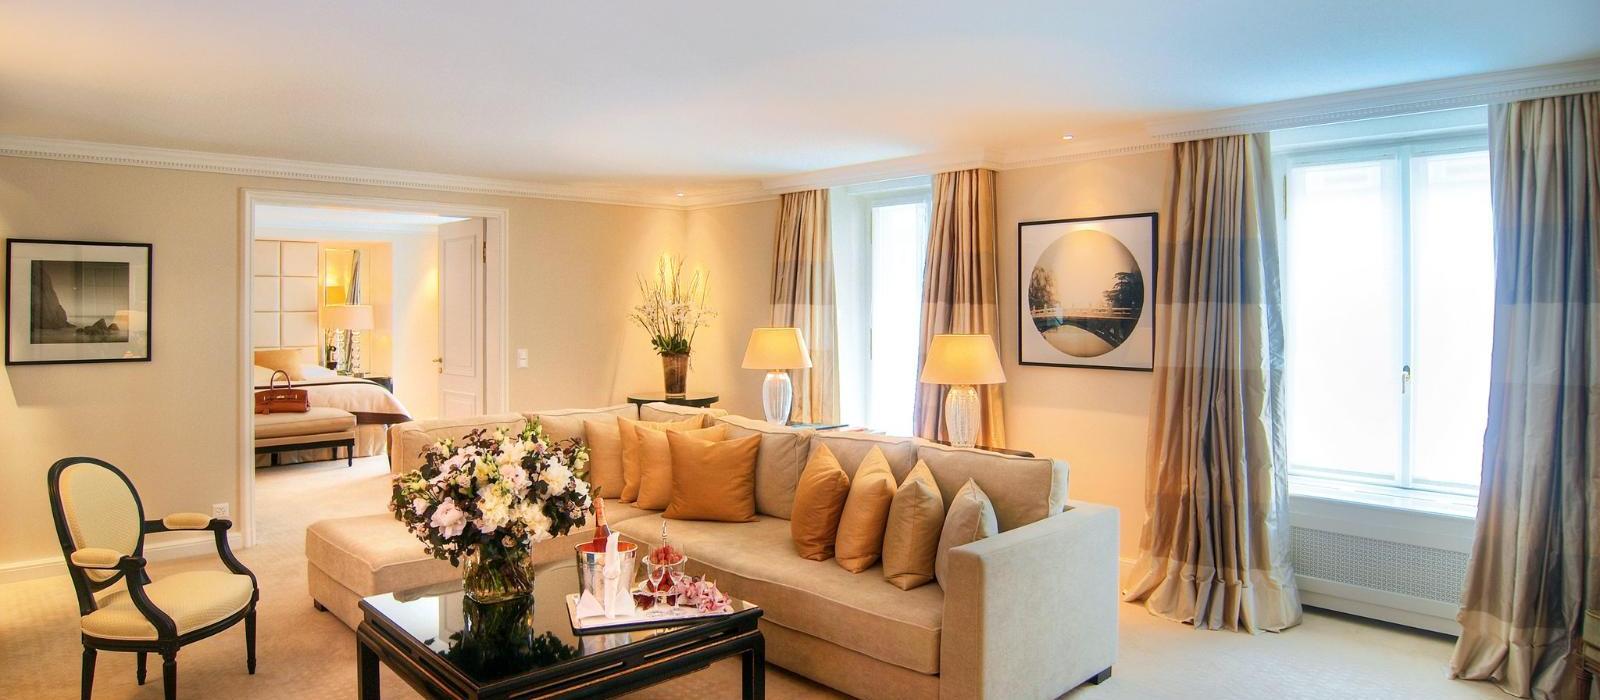 博安湖畔酒店(Baur Au Lac) 豪华河畔套房图片  www.lhw.cn